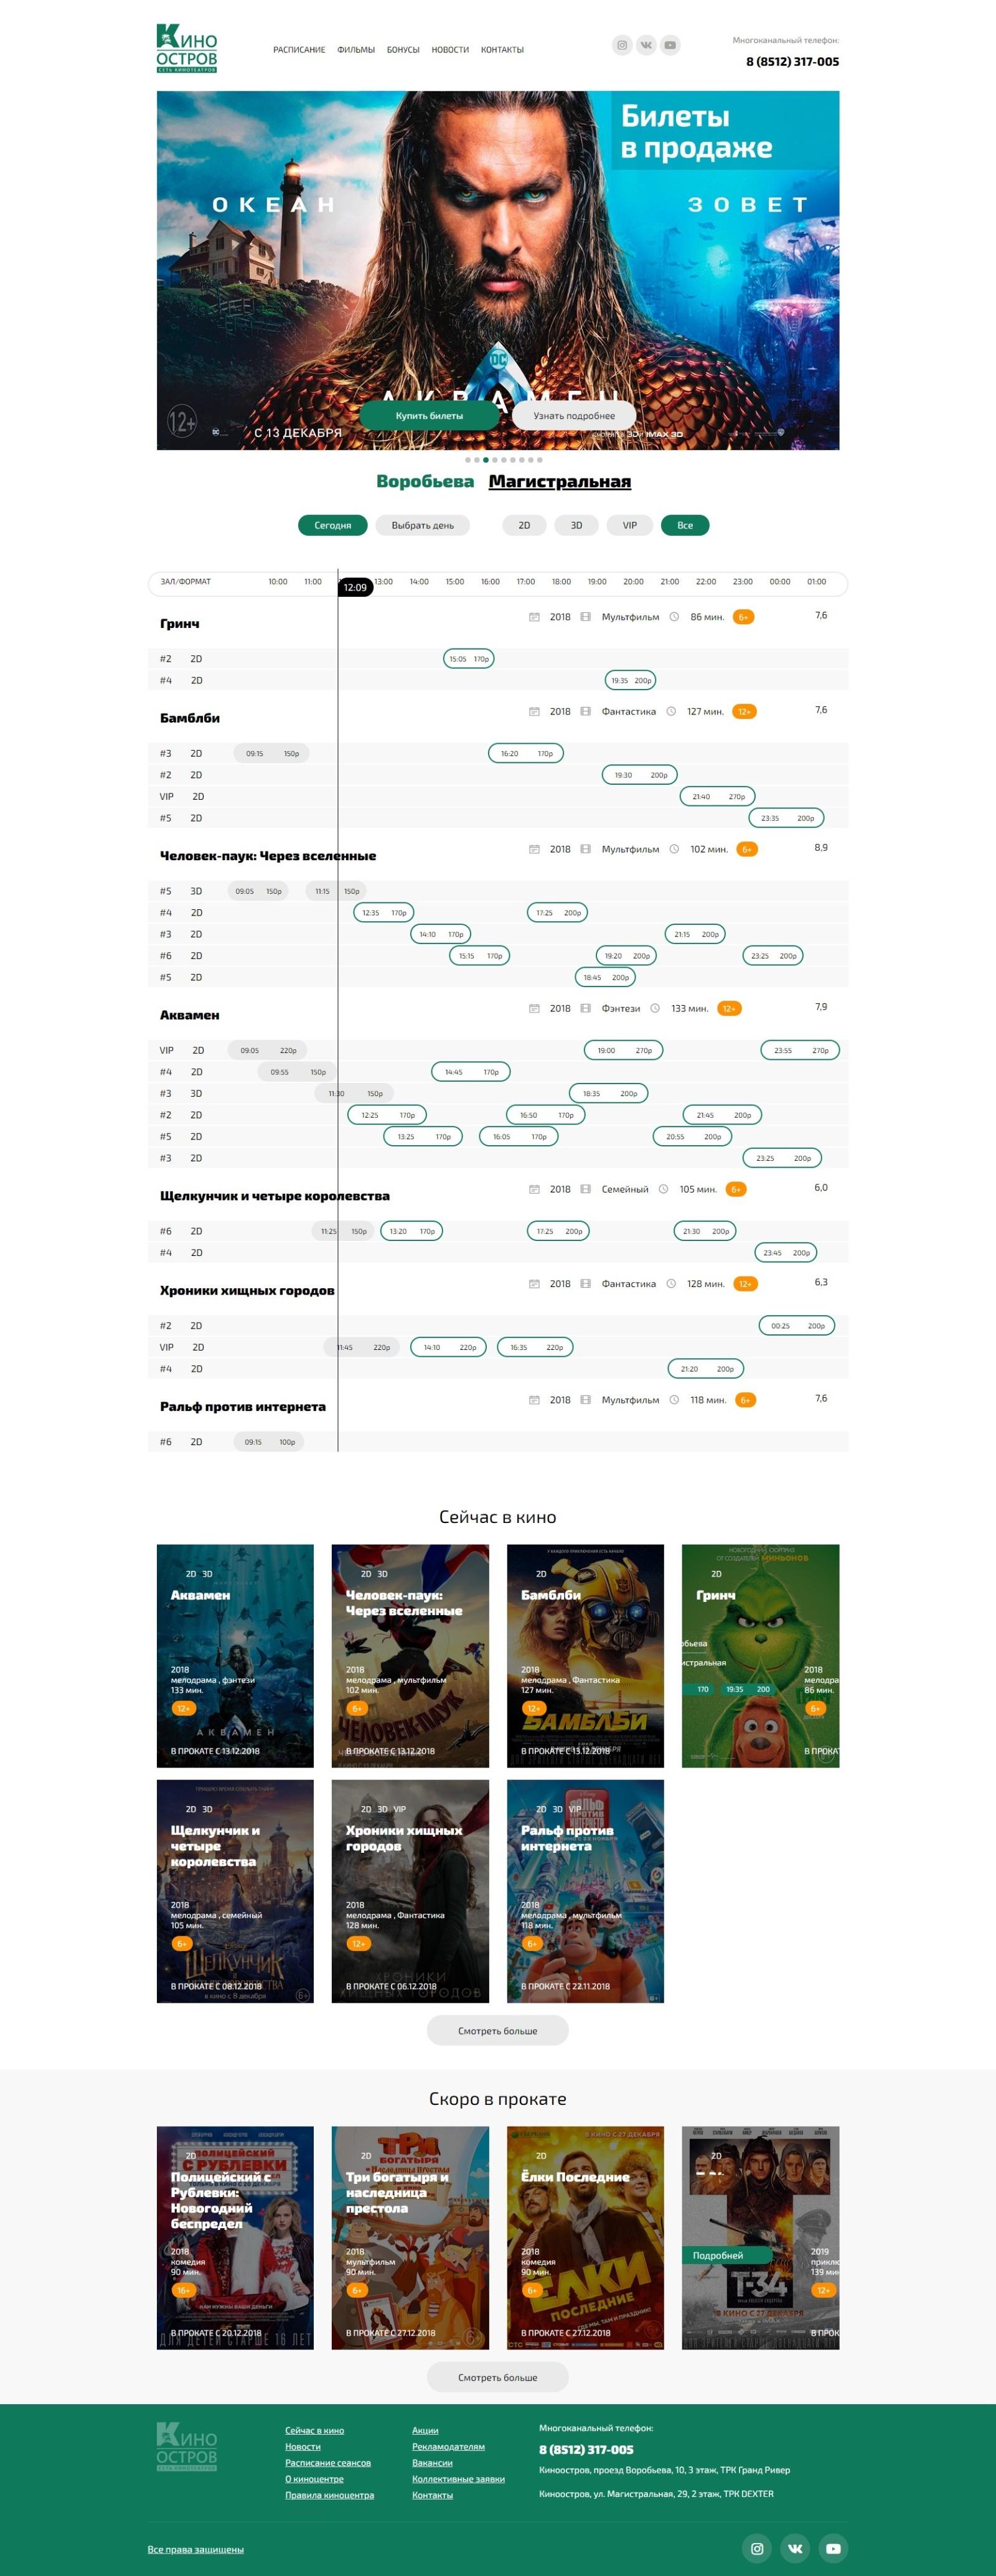 Обновление дизайна сайта